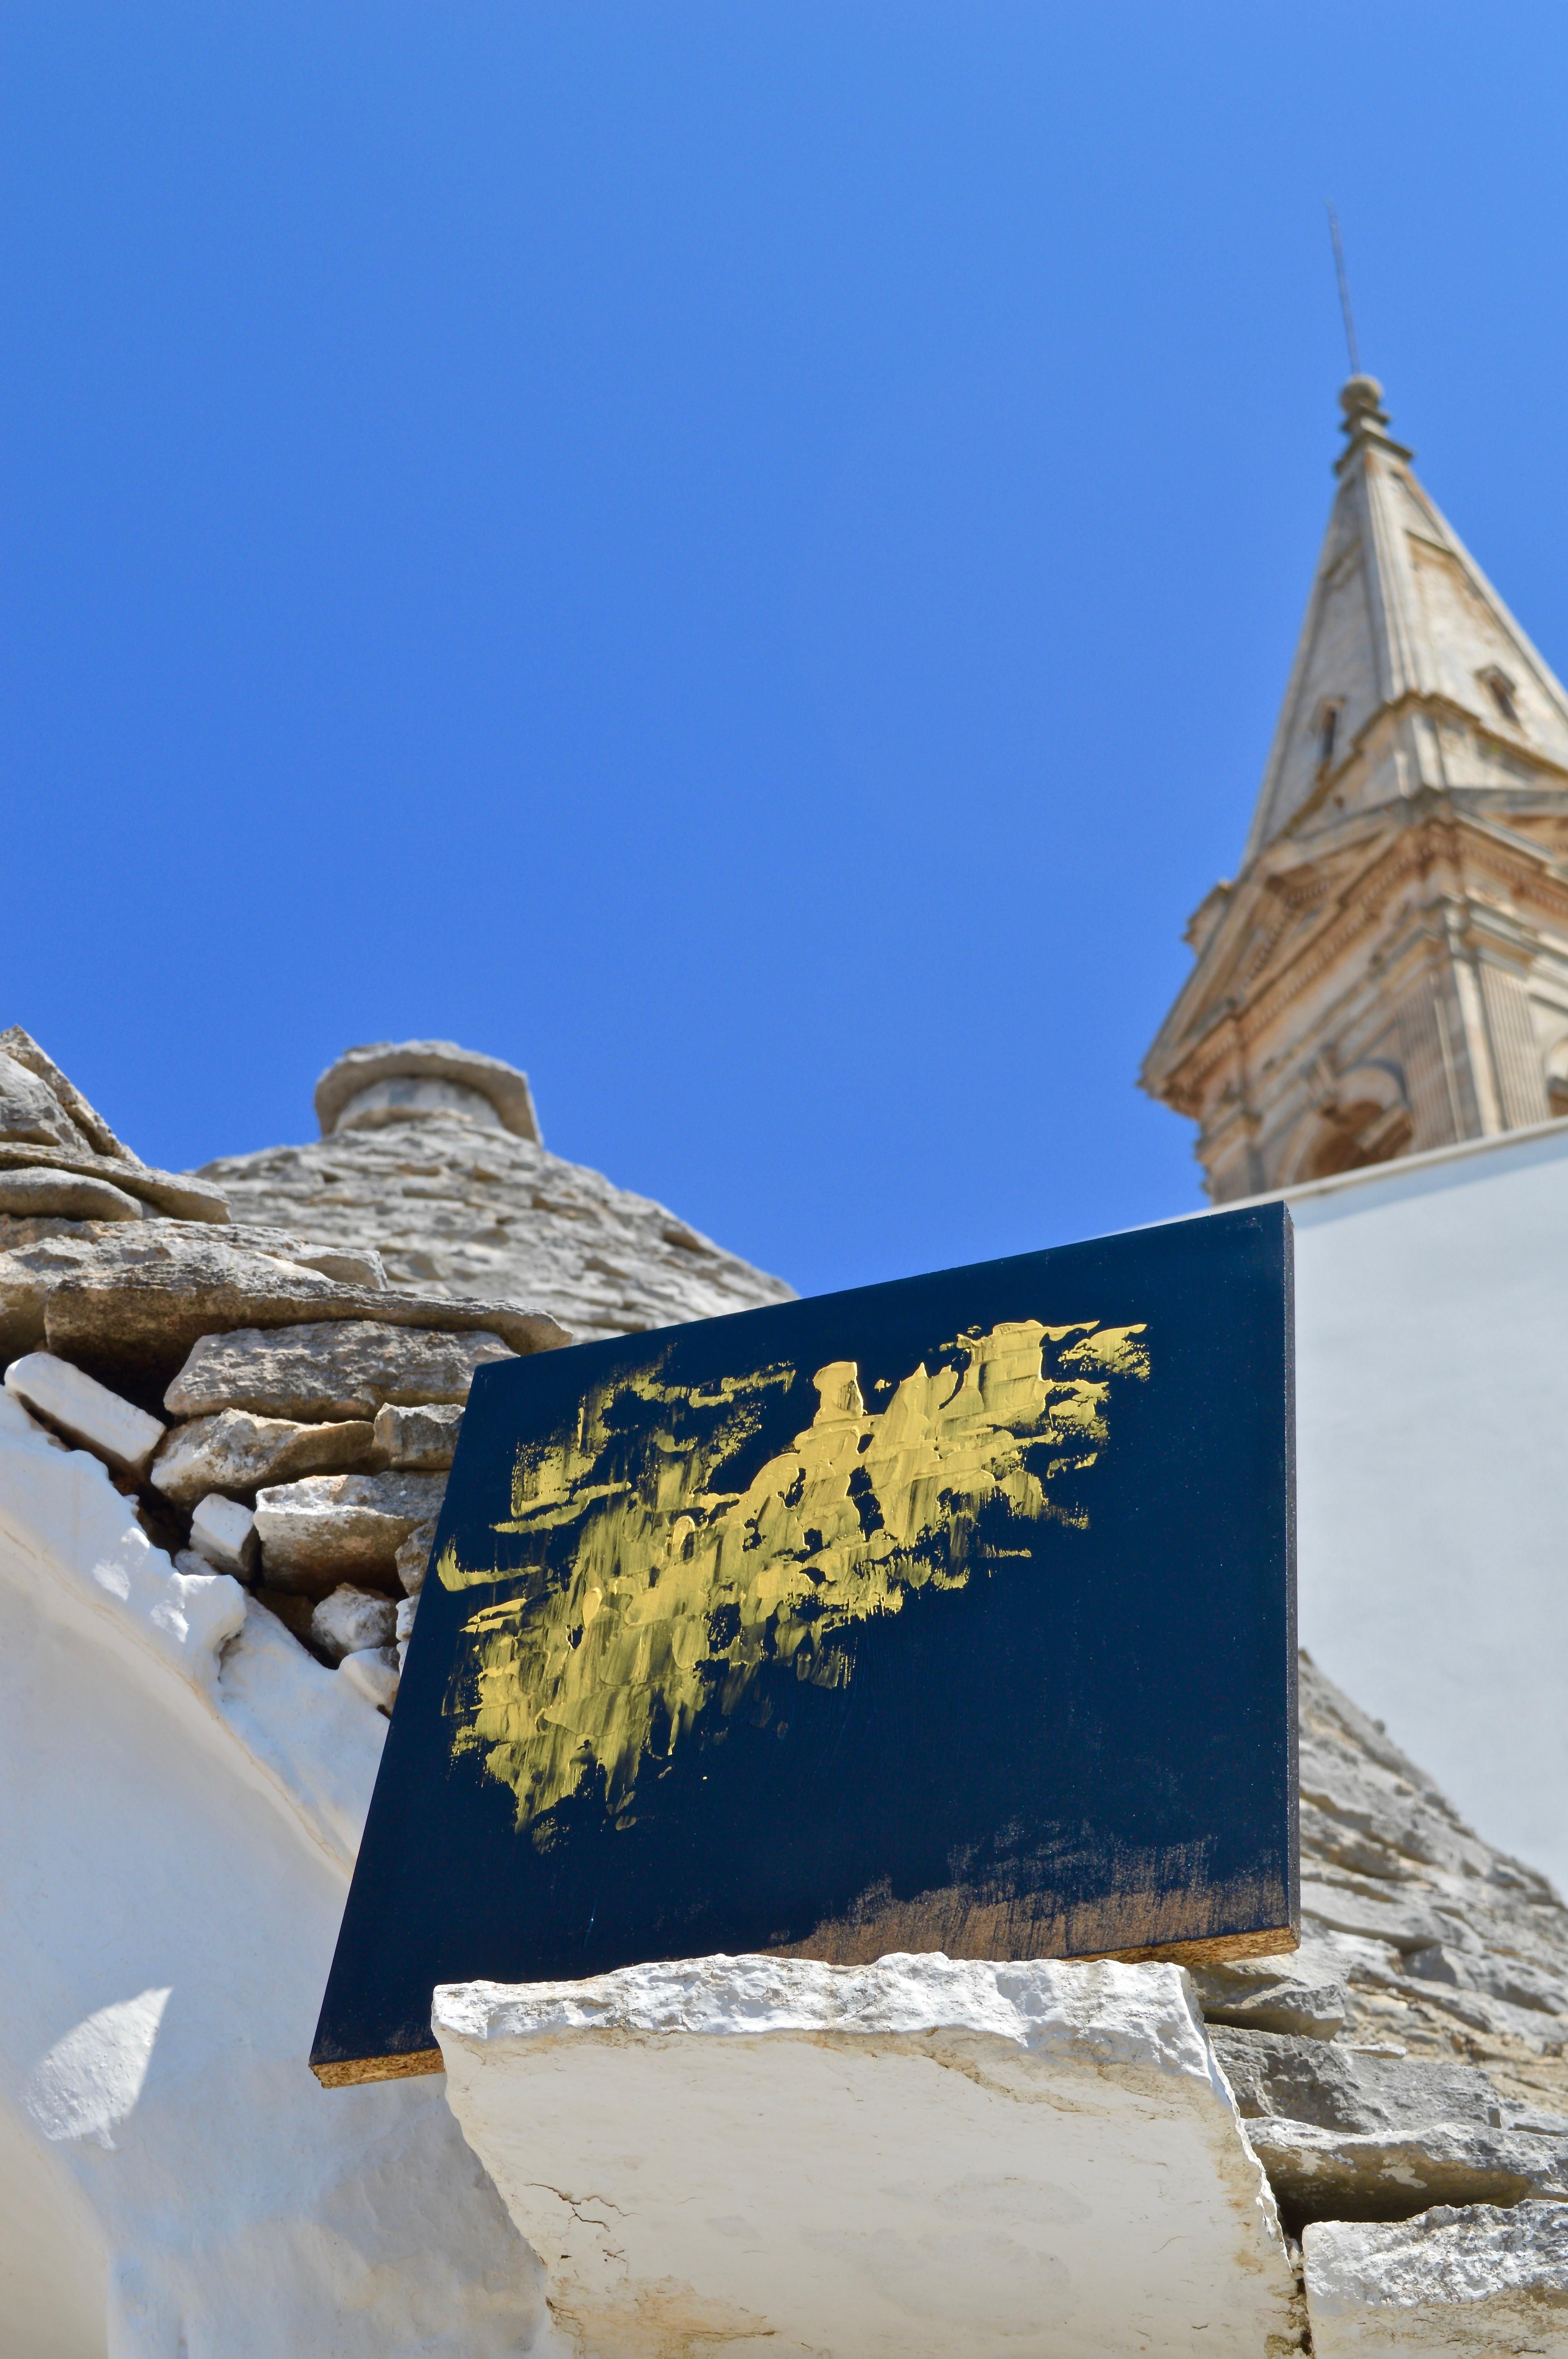 LA SCOPERTA in Alberobello